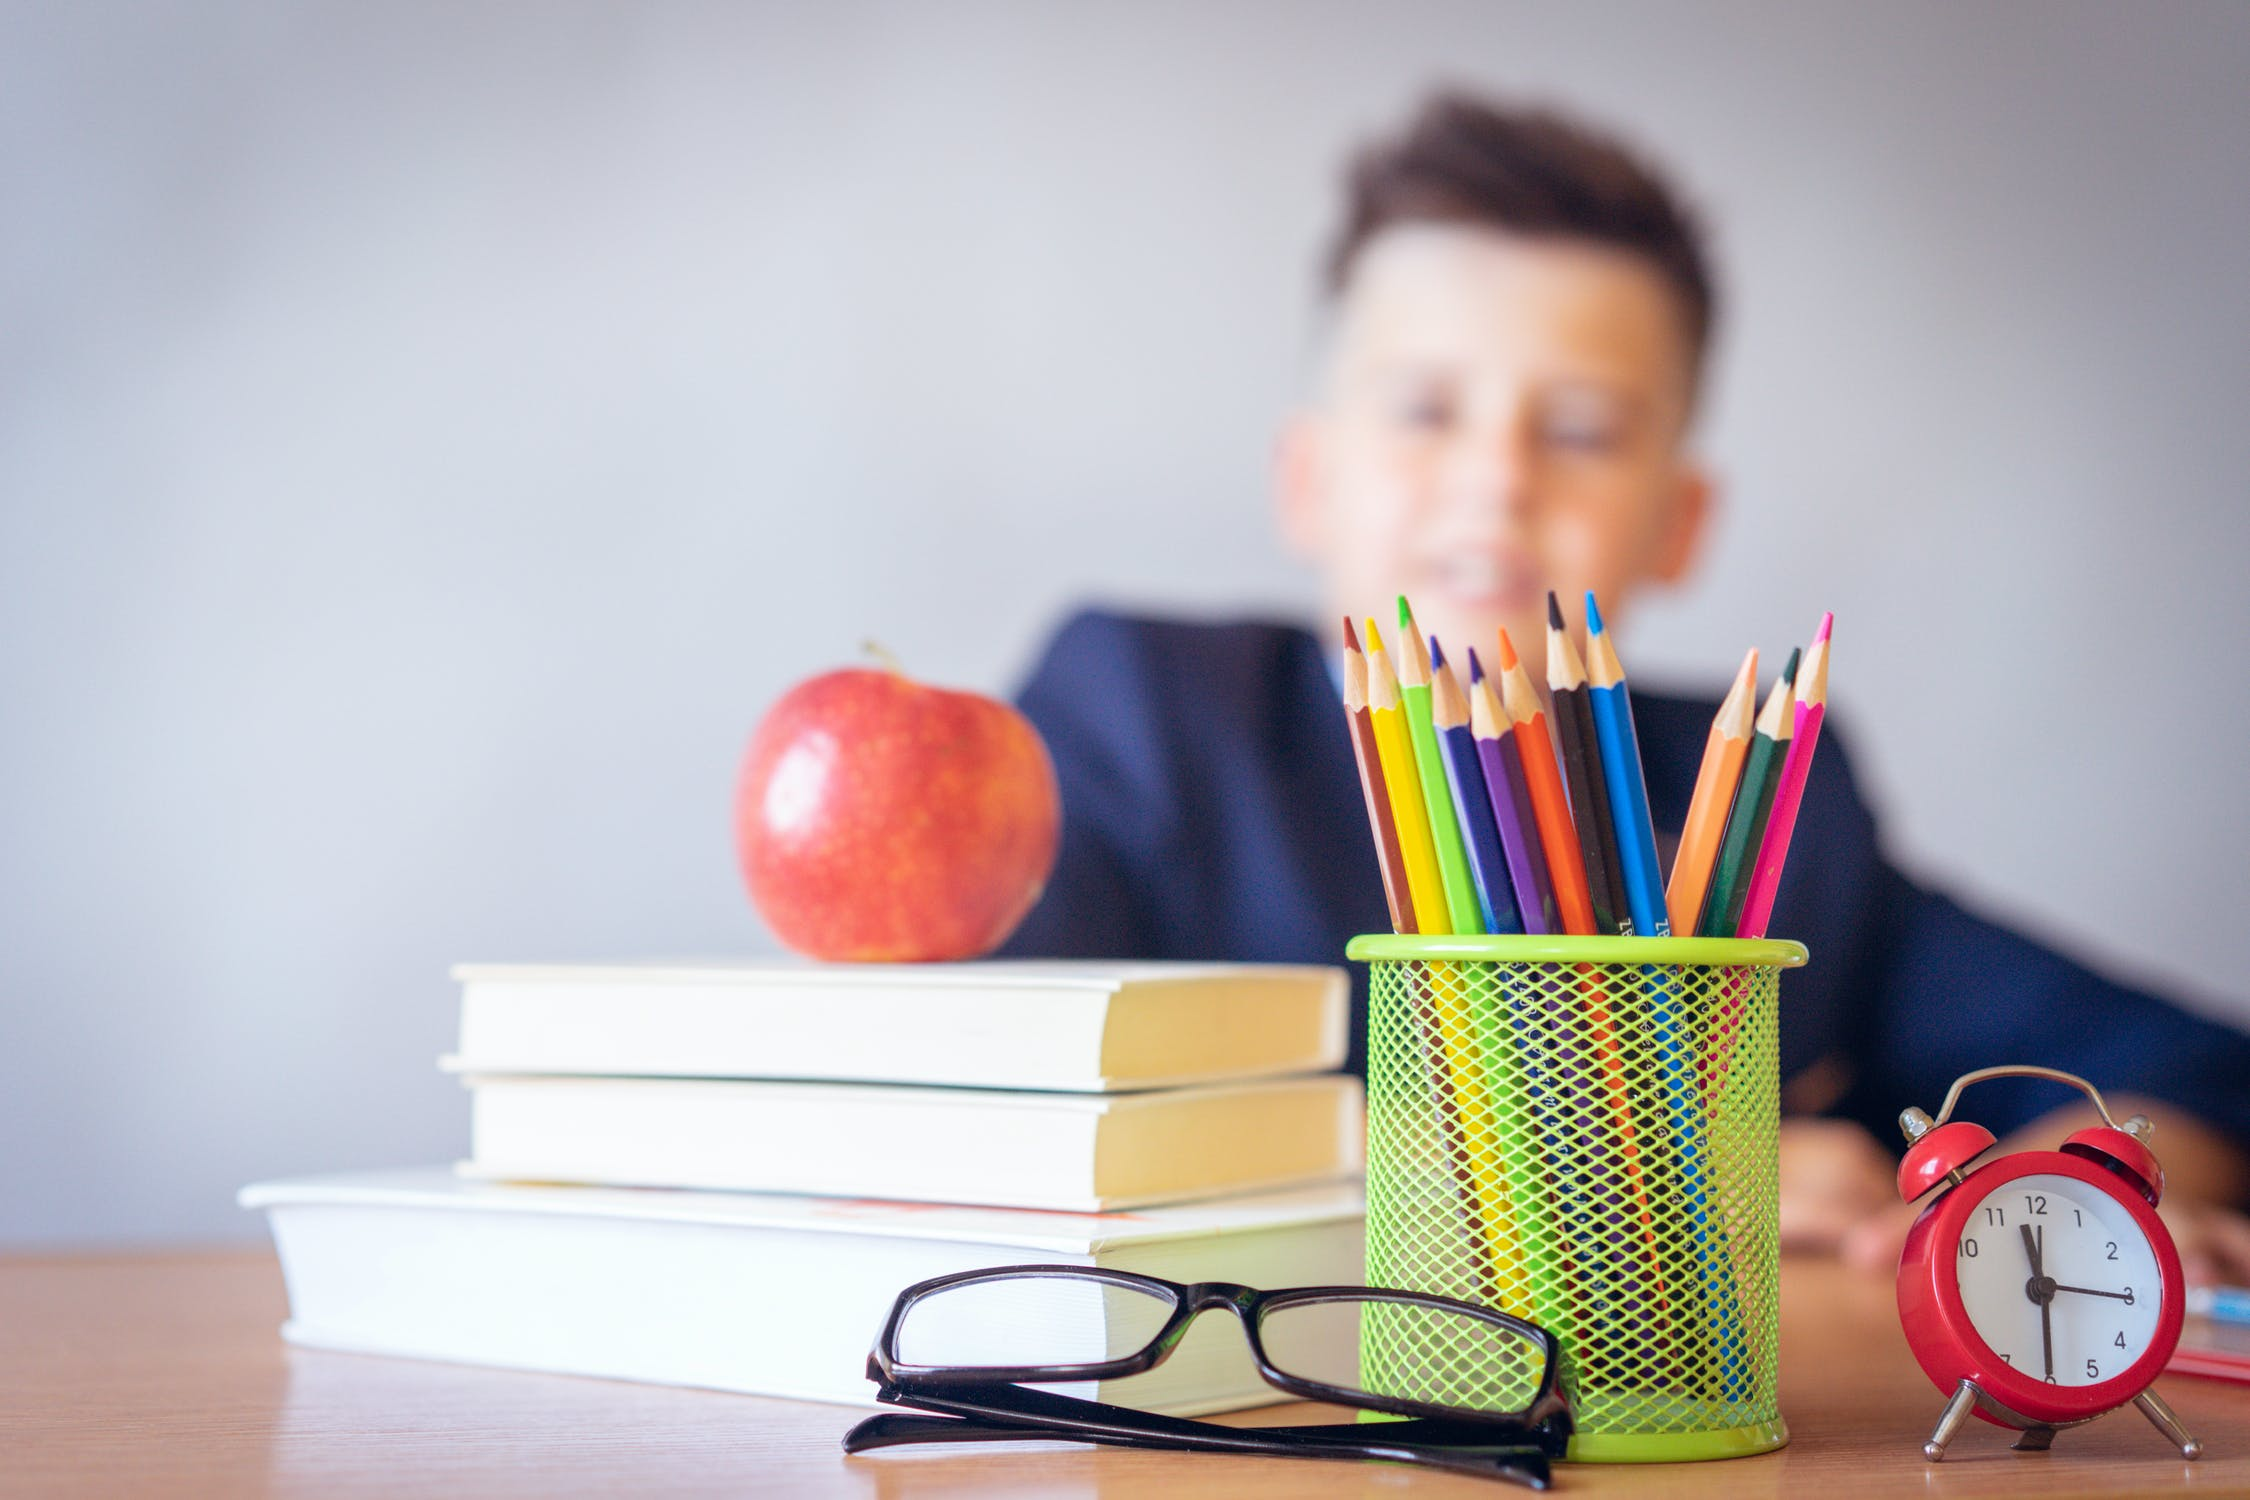 授業中にバレずに内職をするコツ・バレない方法『物を障害物にして手元を隠す』